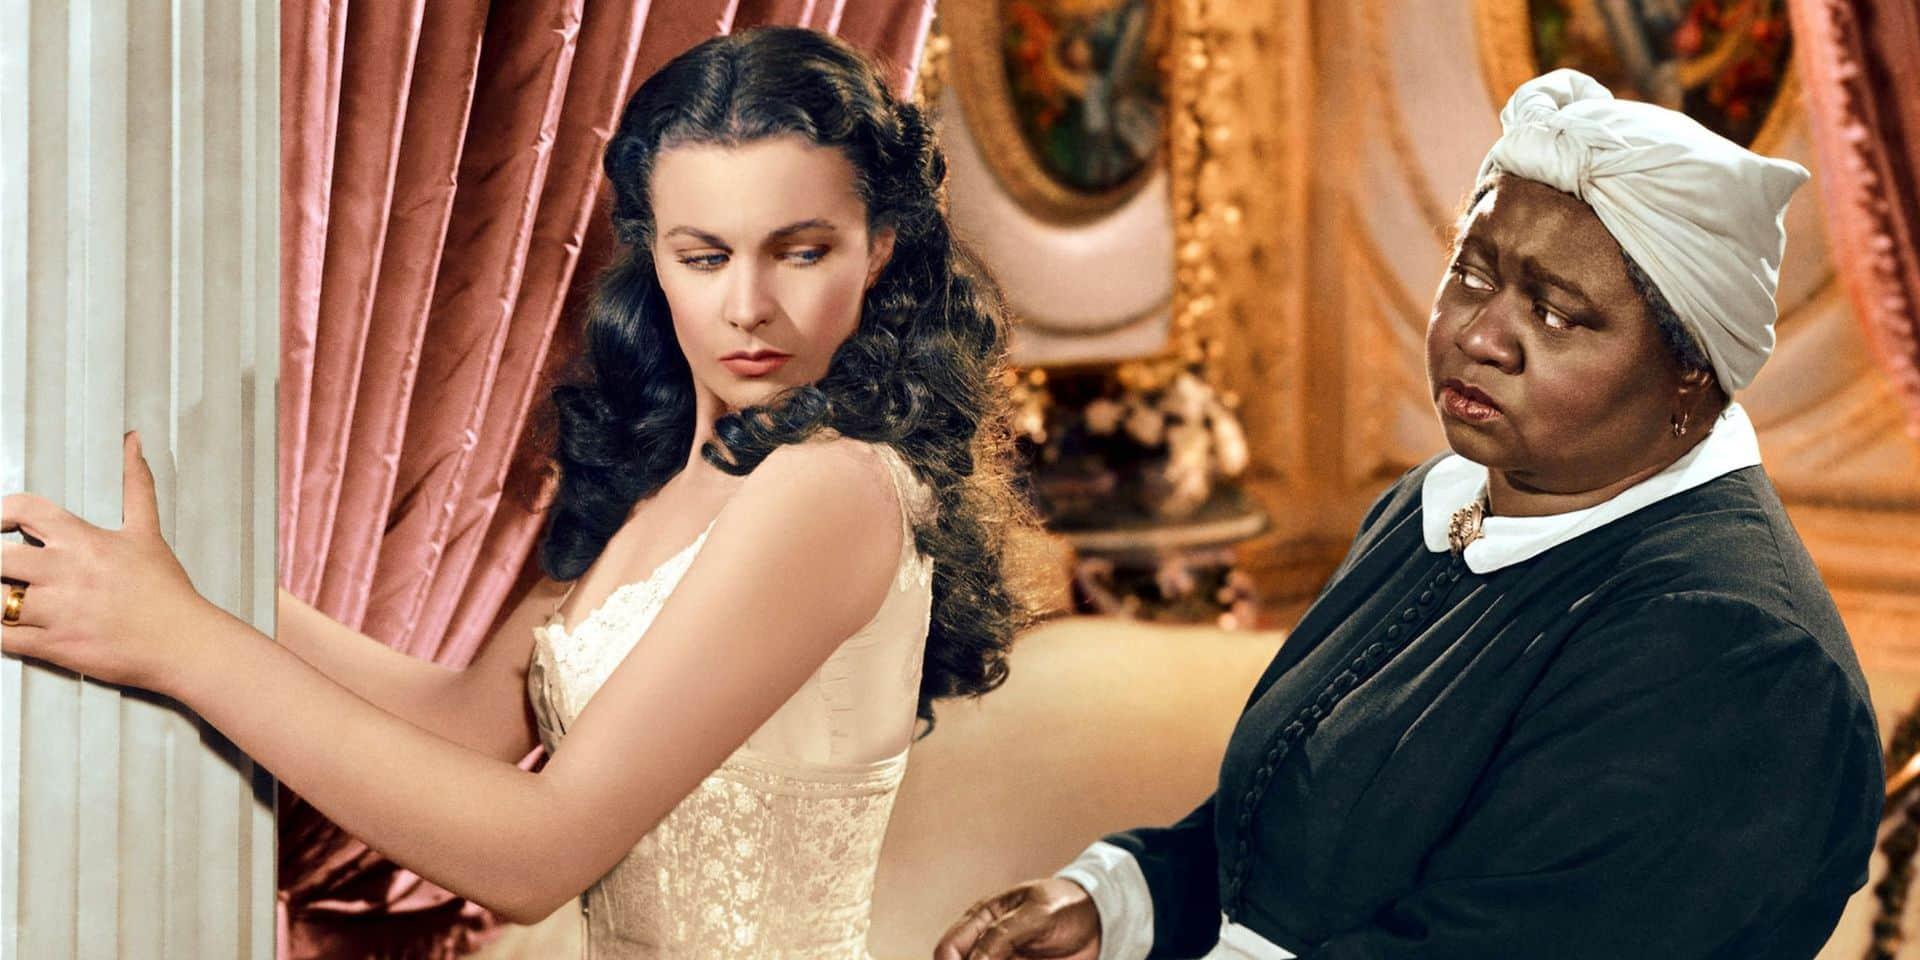 """Jugé raciste, le film """"Autant en emporte le vent"""" est retiré temporairement de la plateforme HBO Max"""